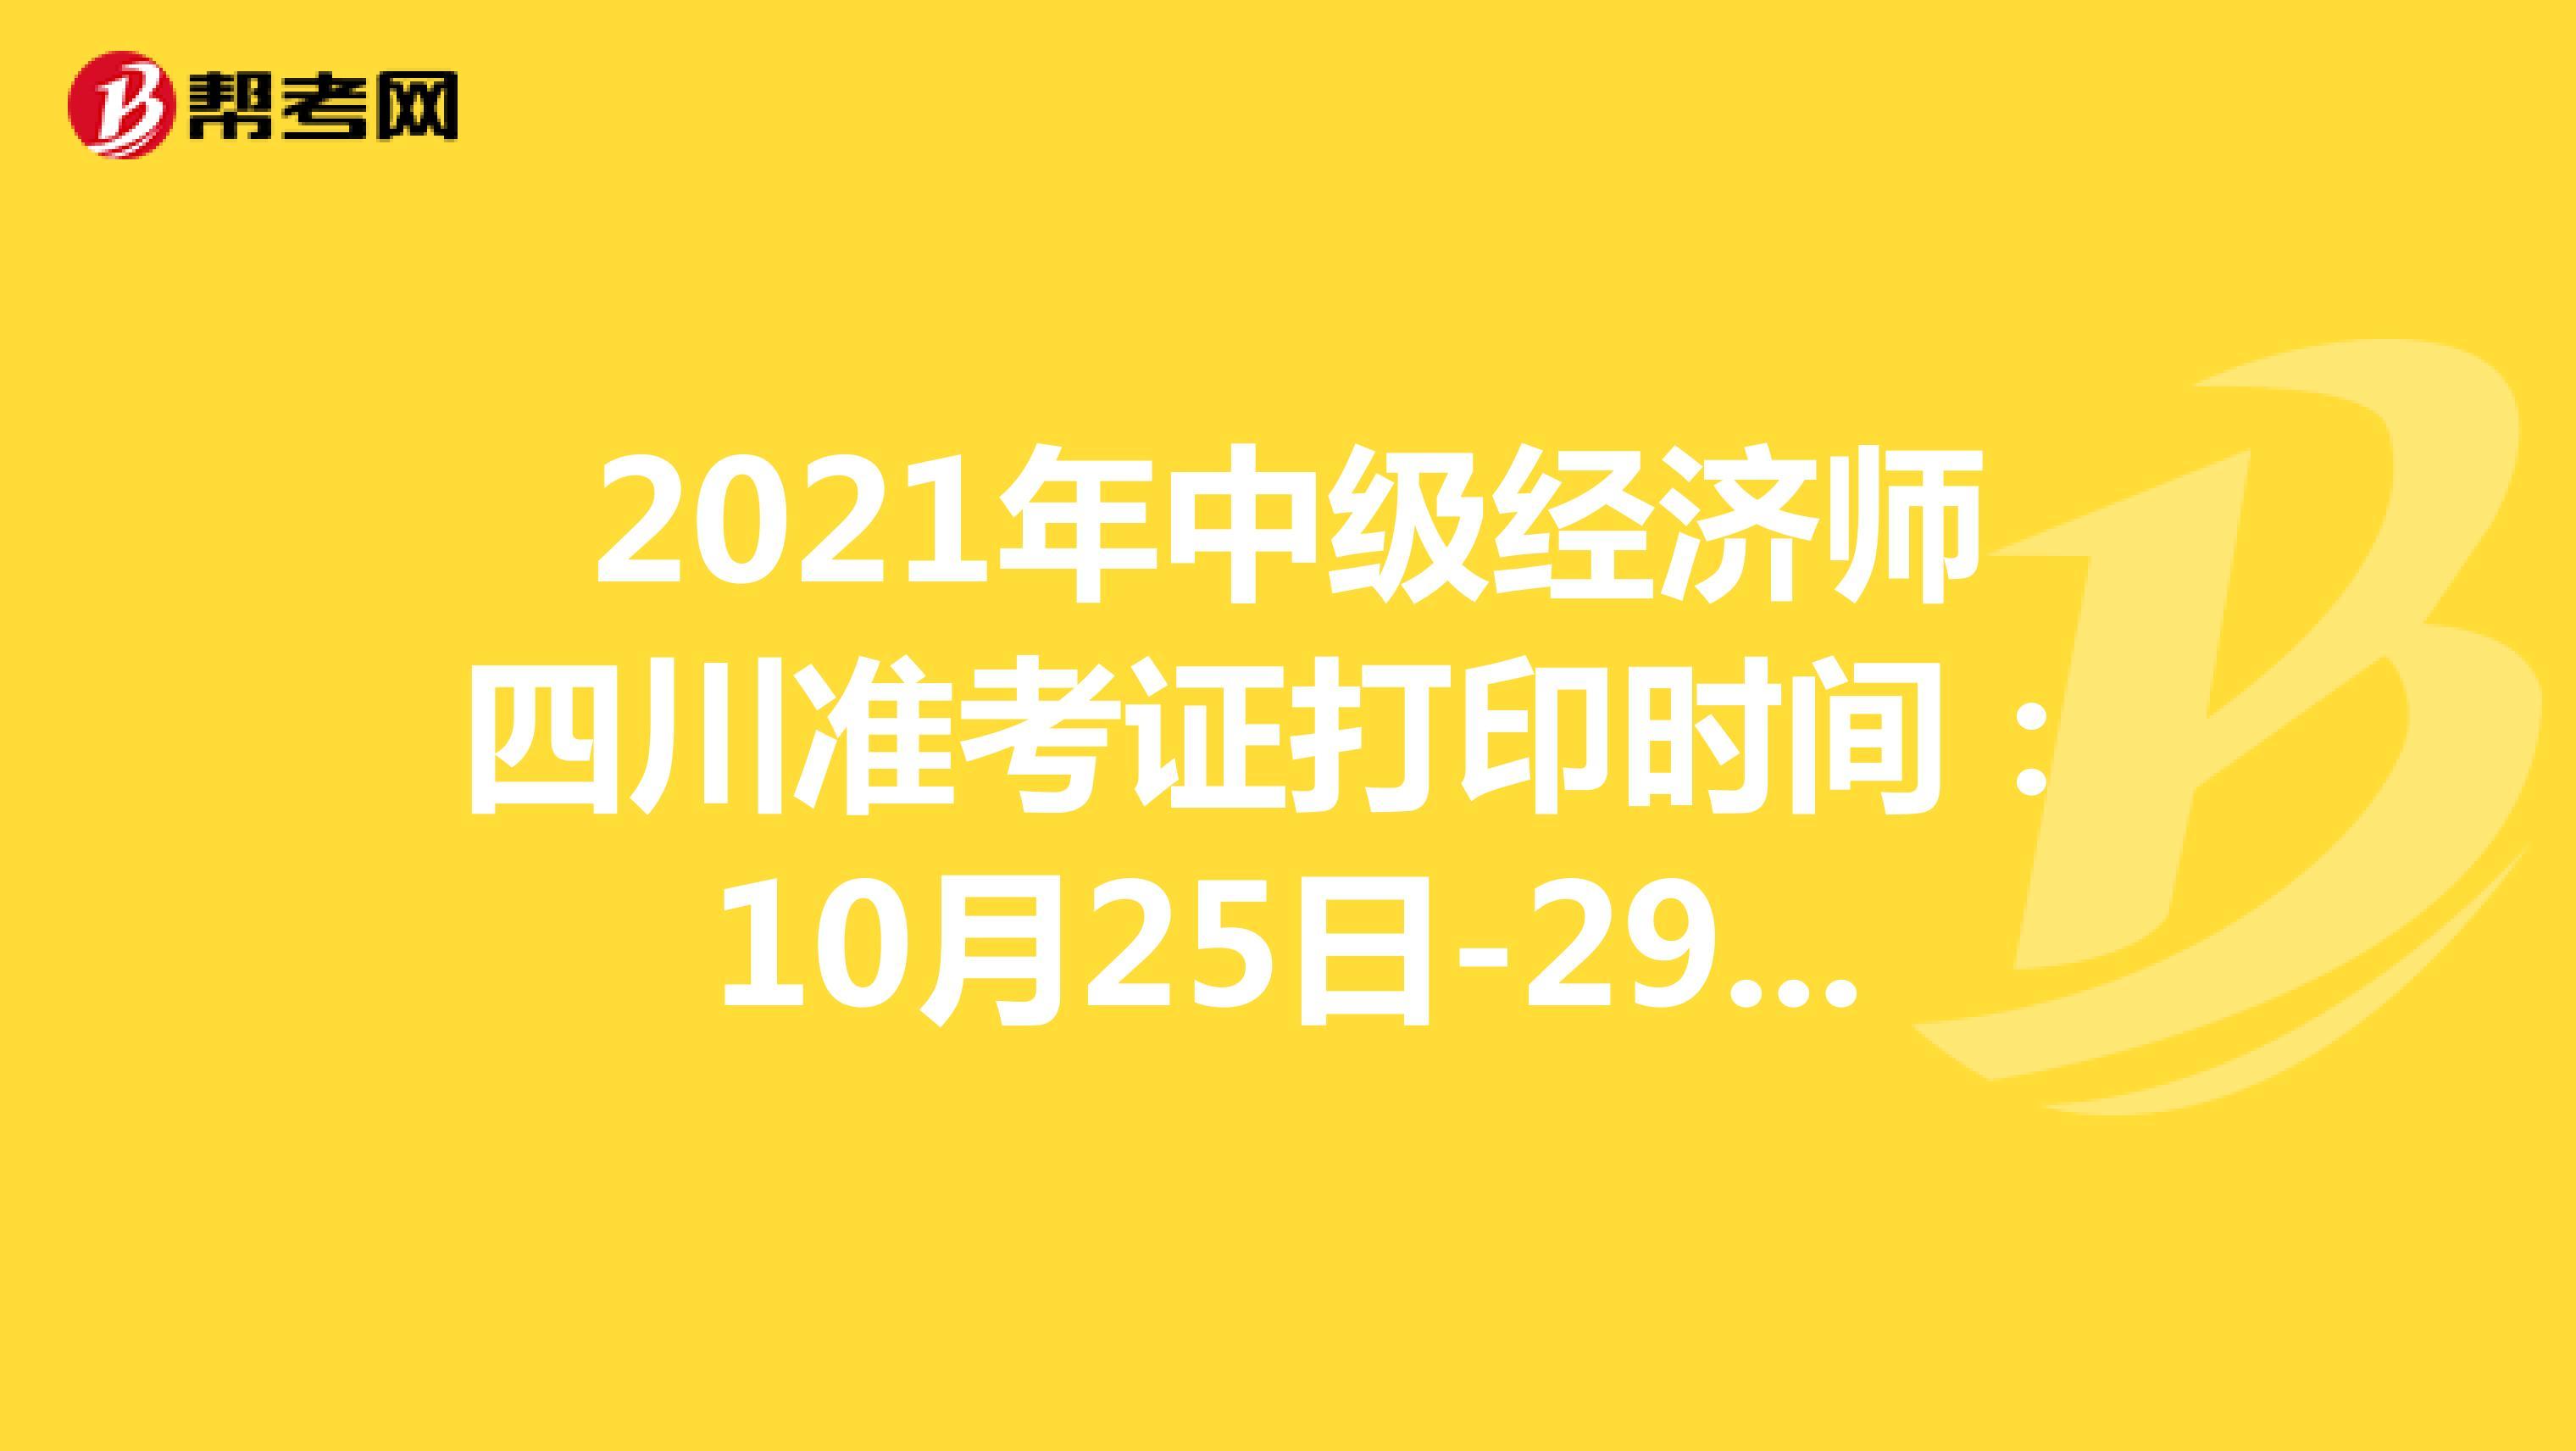 2021年(hot88电竞官网)中级经济师四川准考证打印时间:10月25日-29日!